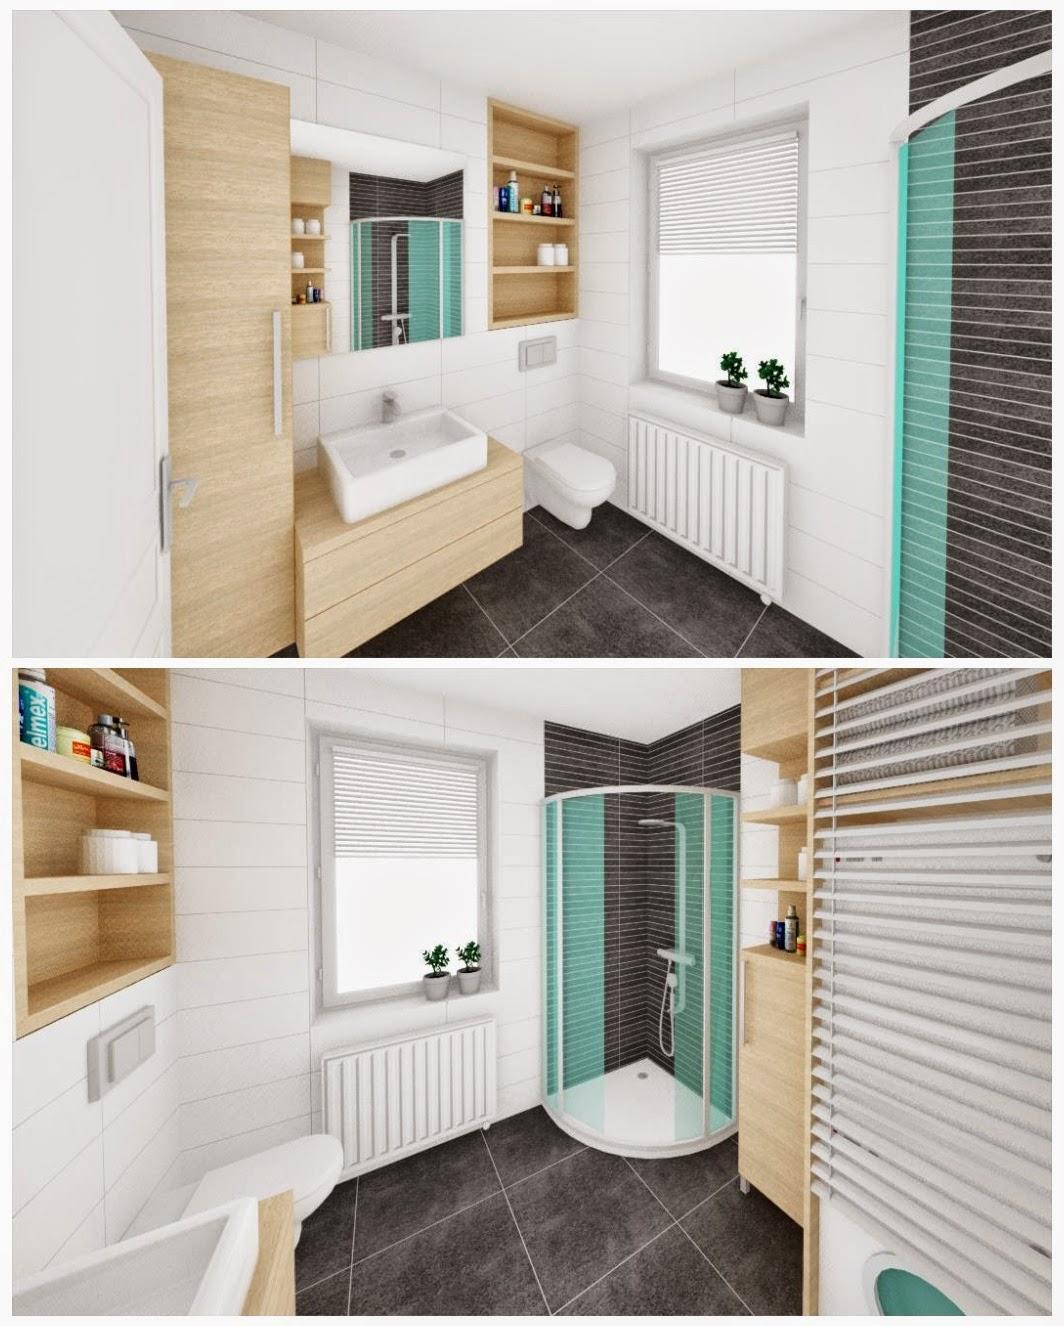 Mala panelakova koupelna - Obrázek č. 202